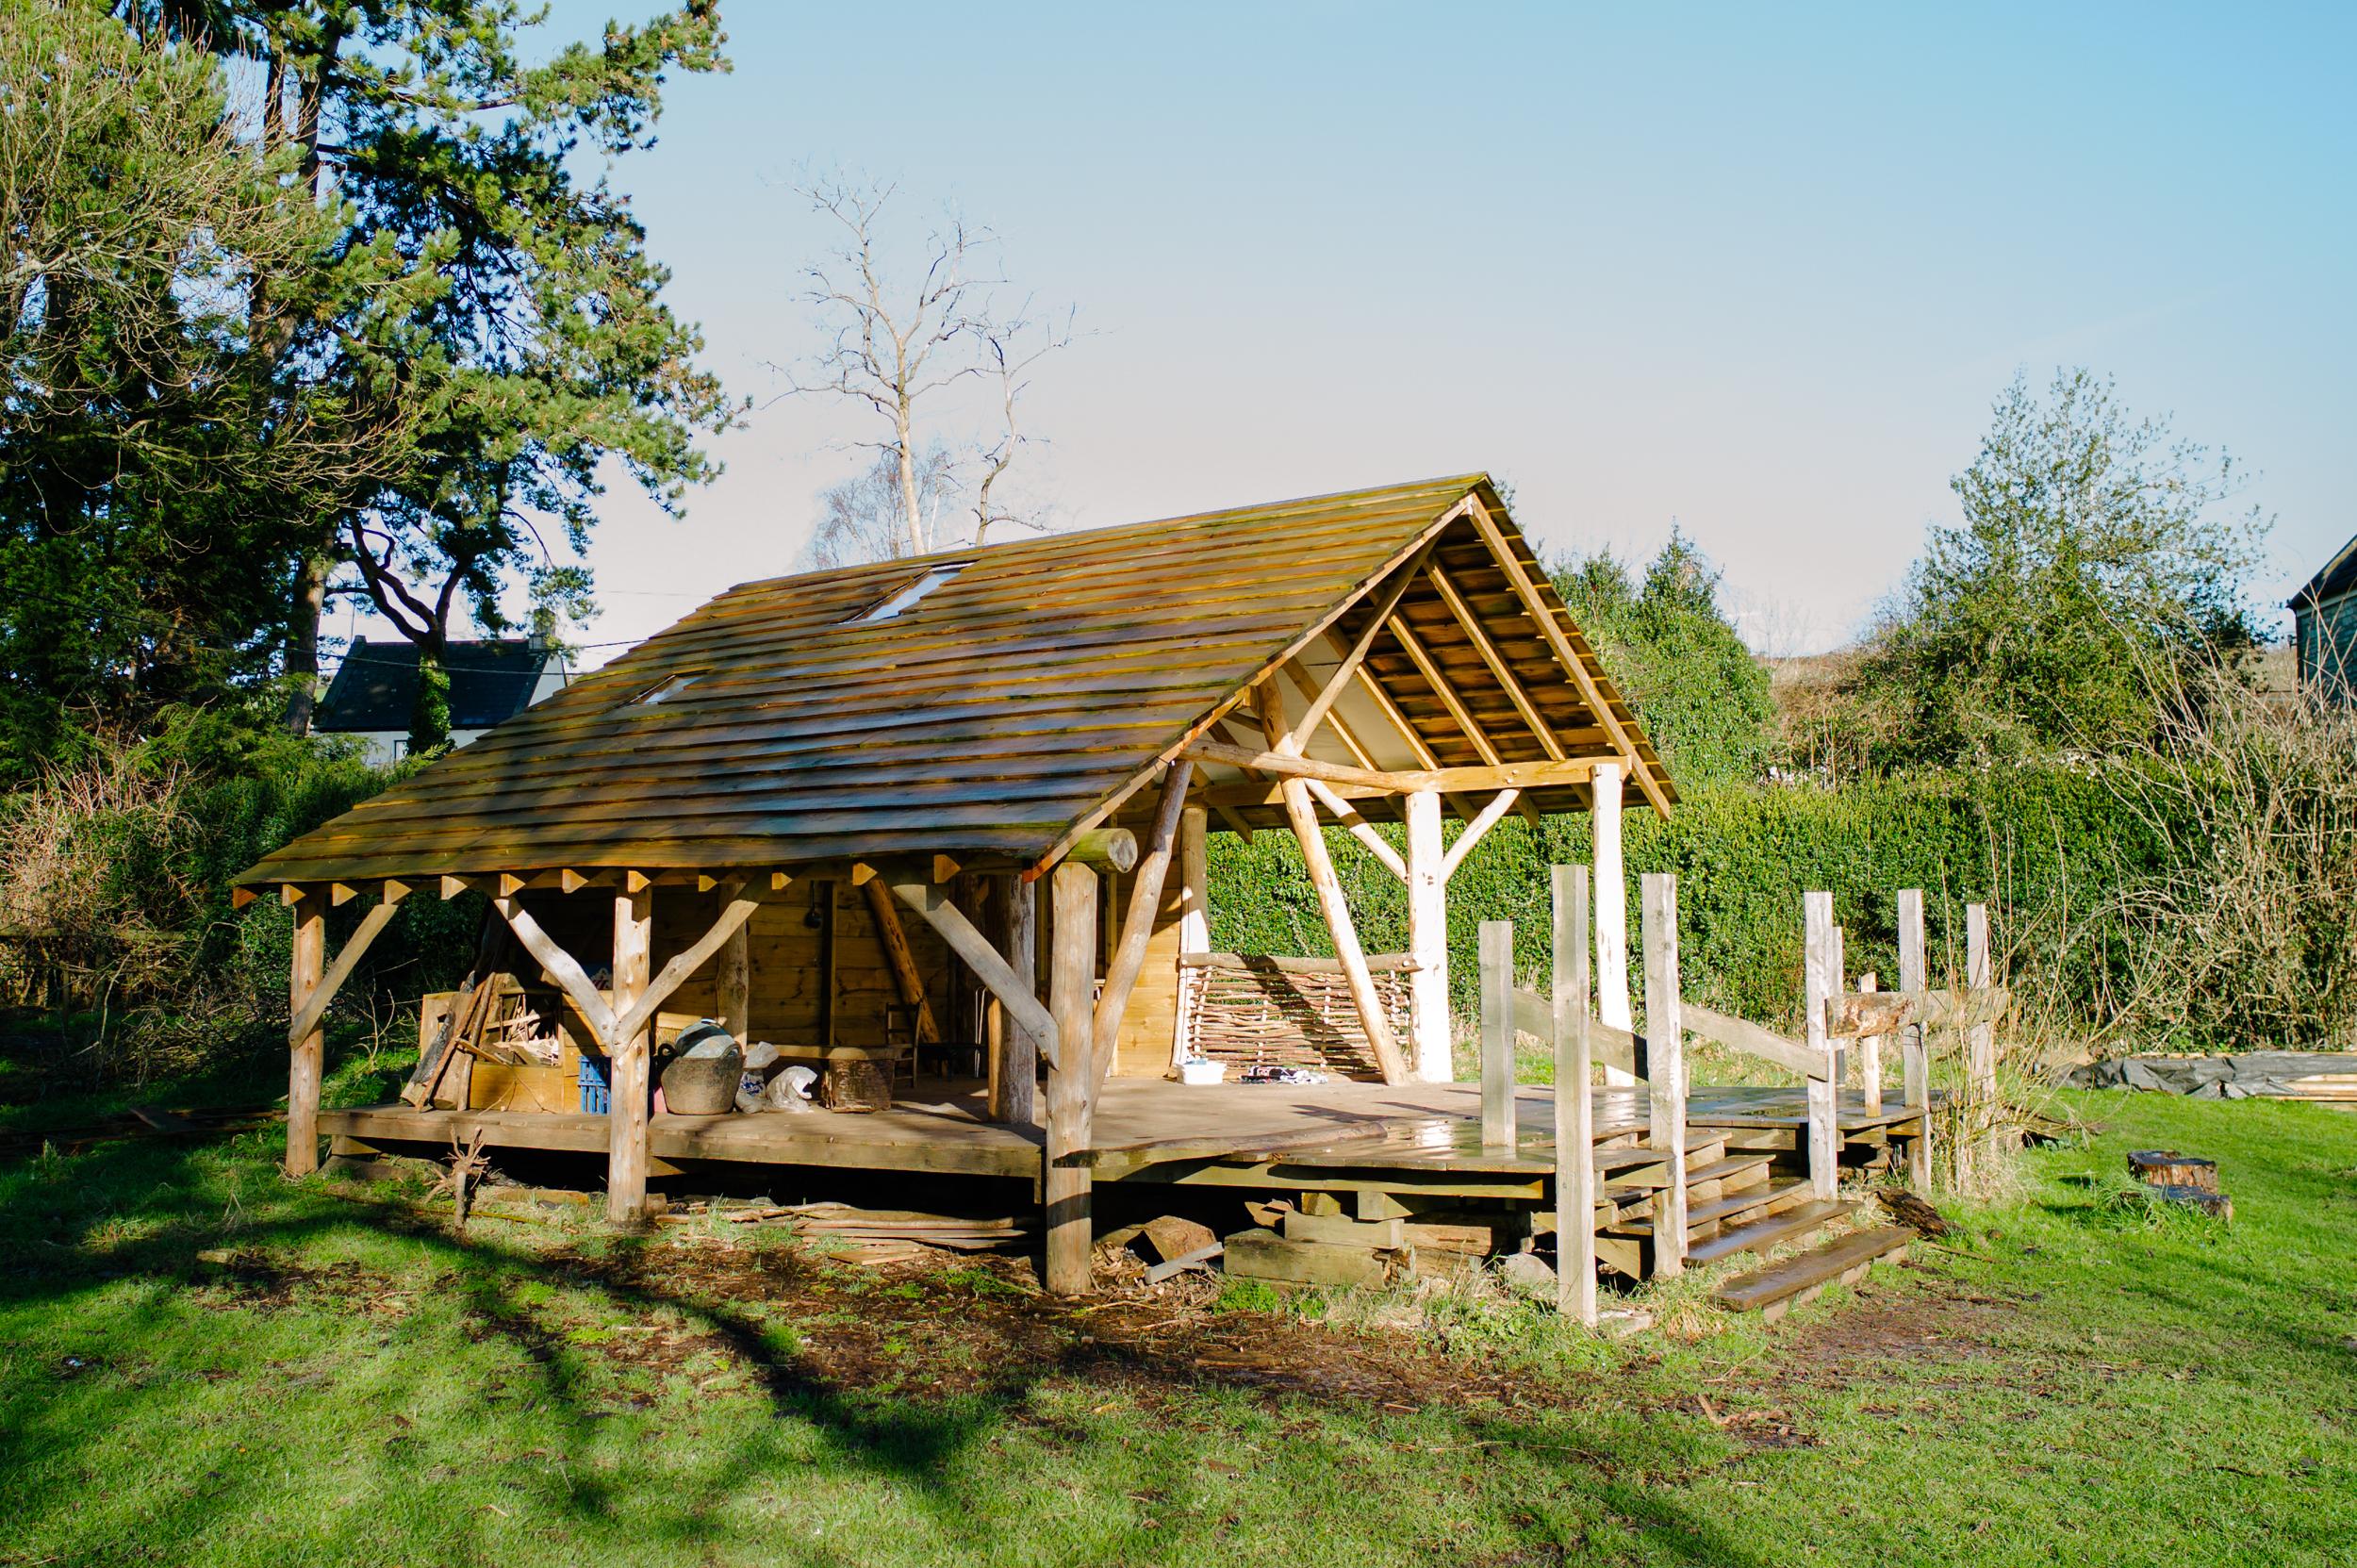 Pennleigh_Welton Manor Farm-5.jpg